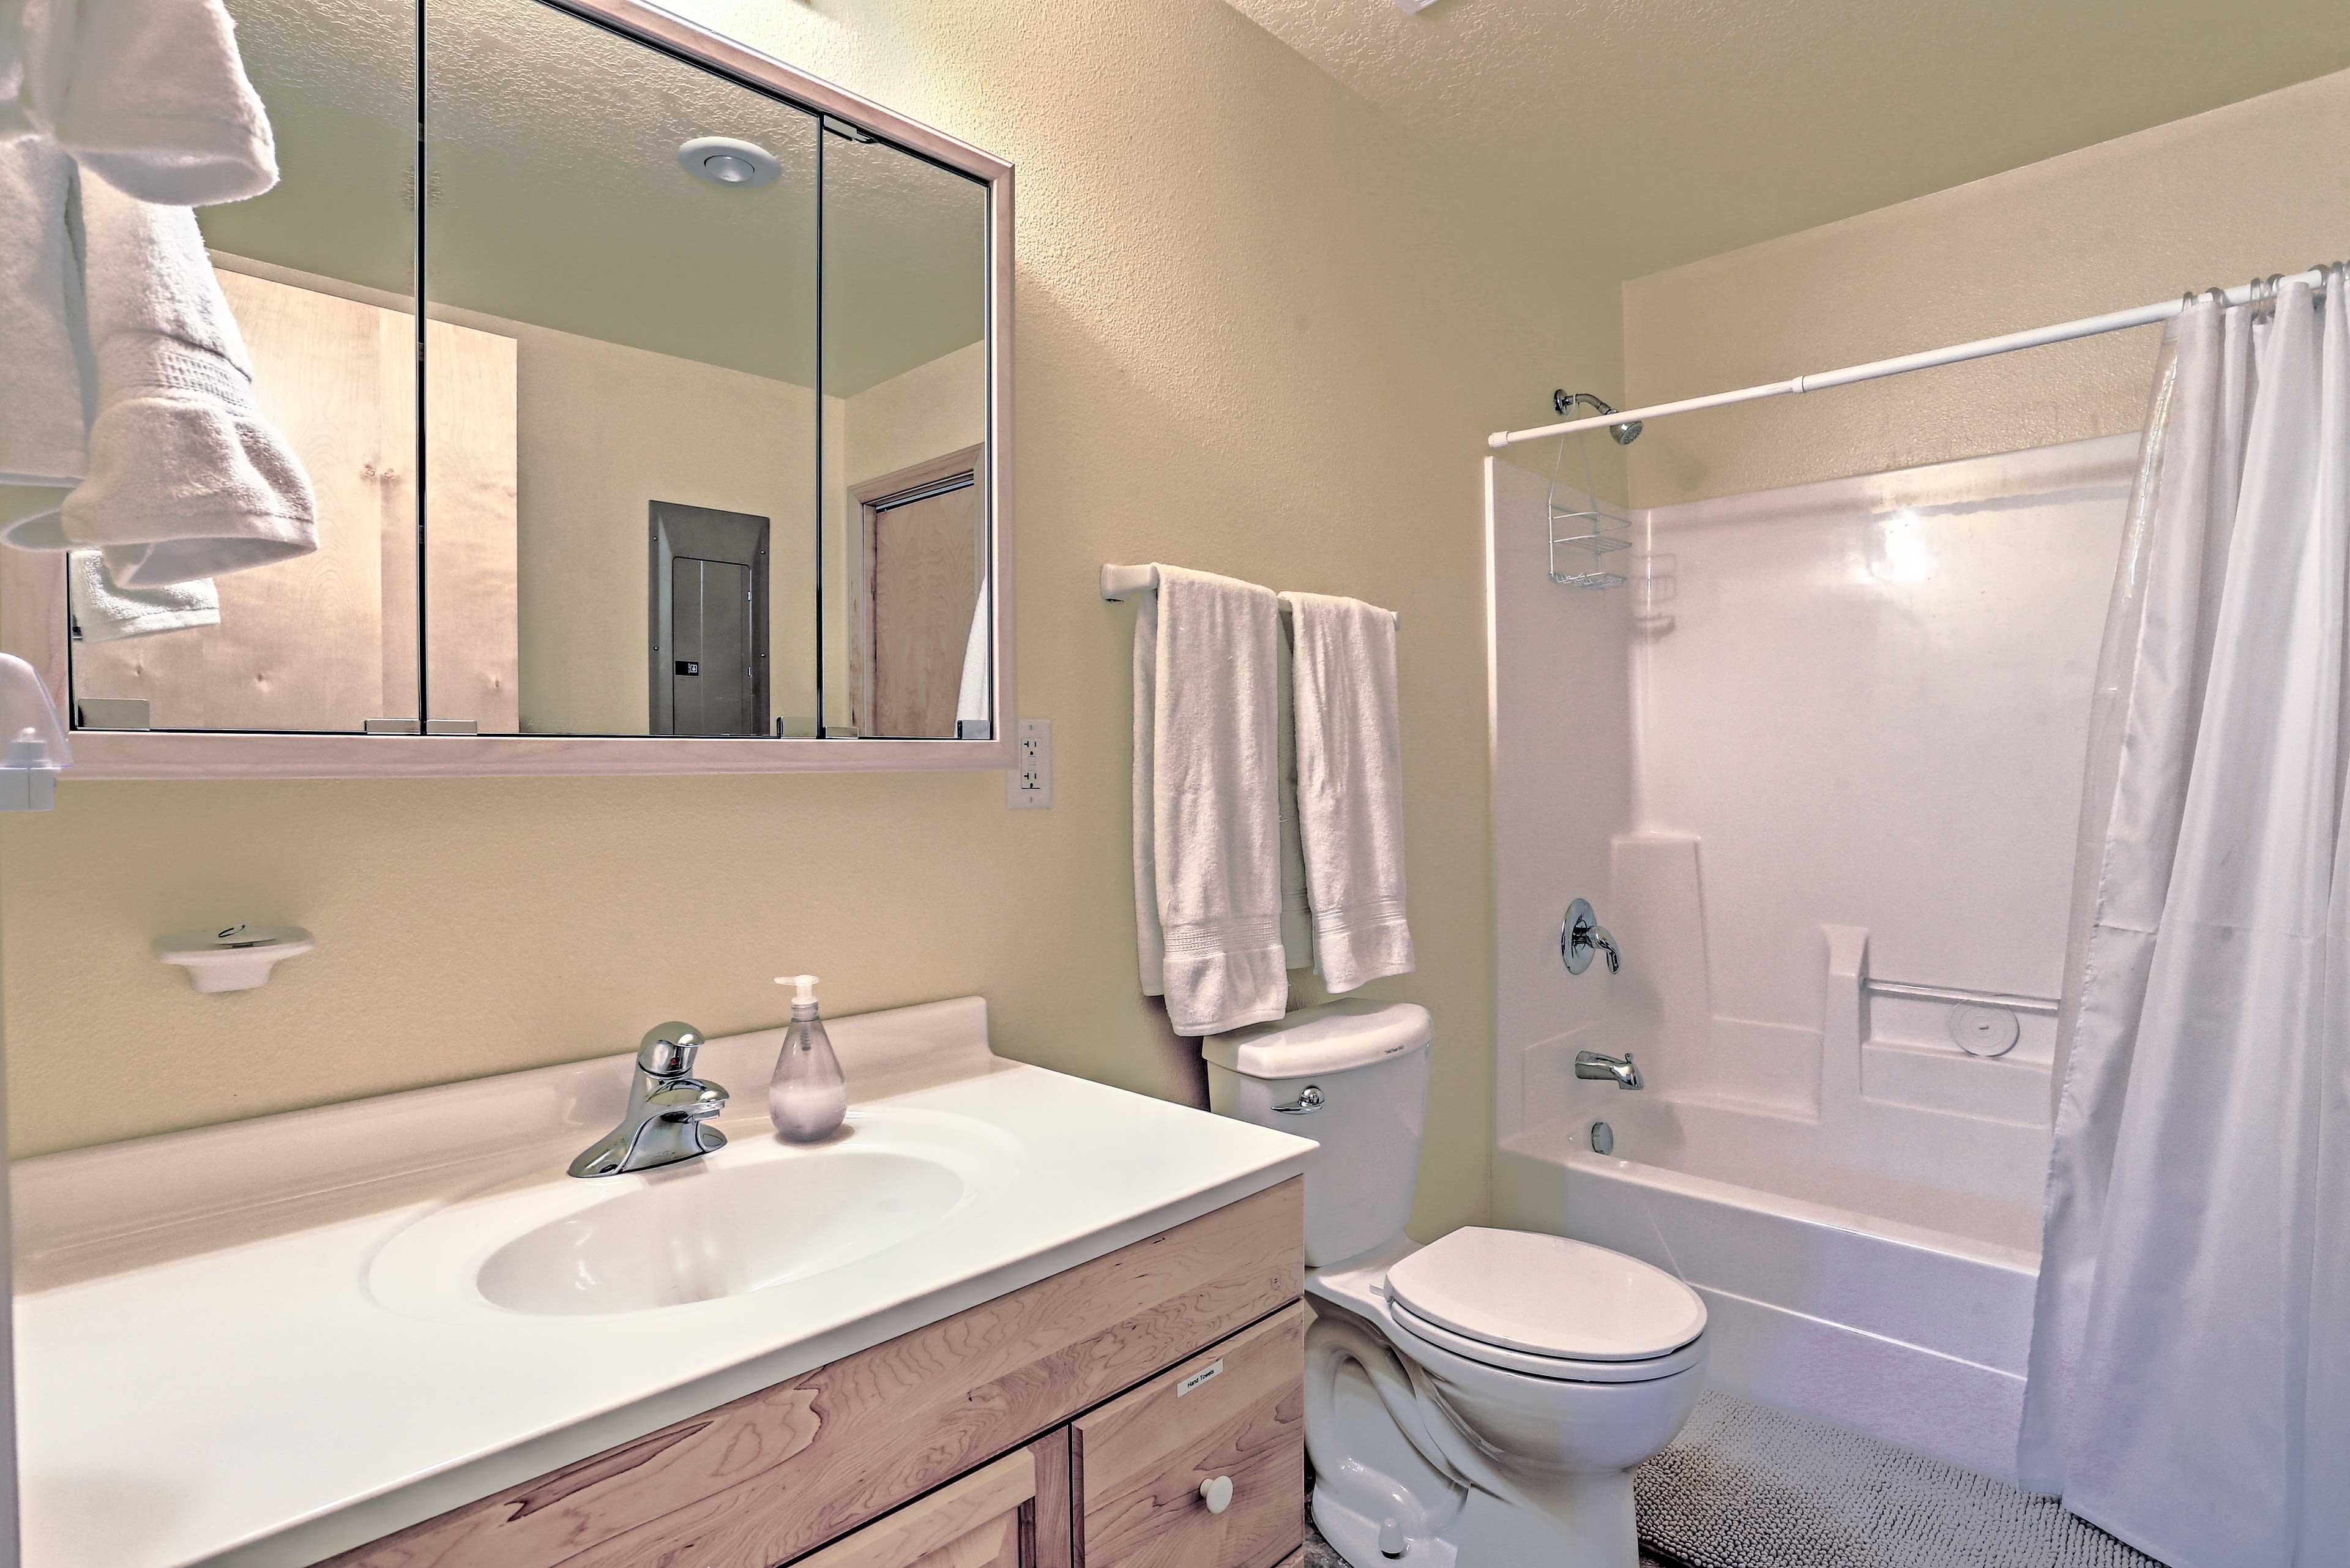 The en-suite bathroom includes a shower/tub combo.